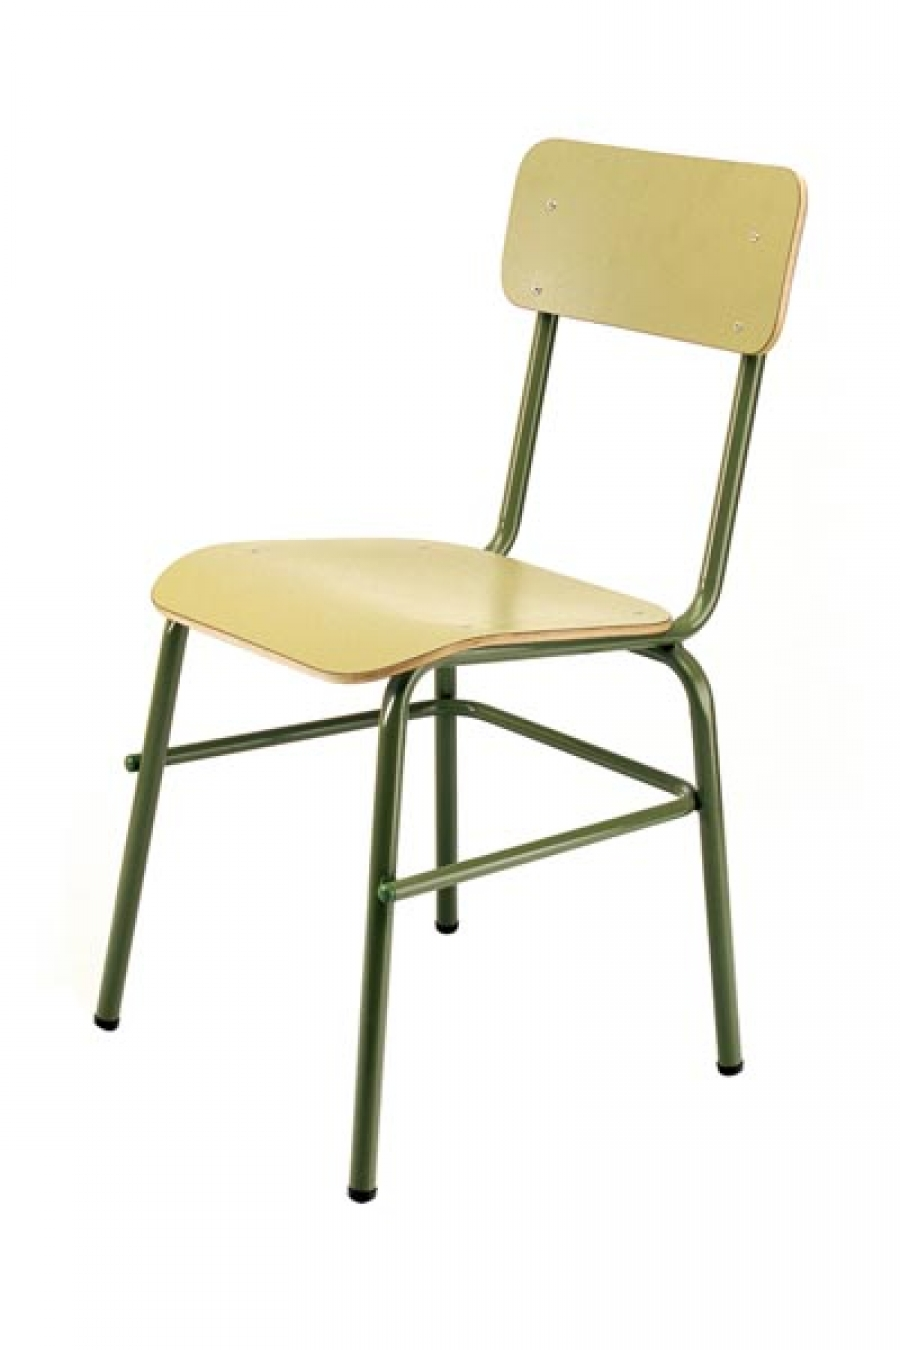 sillas escolares